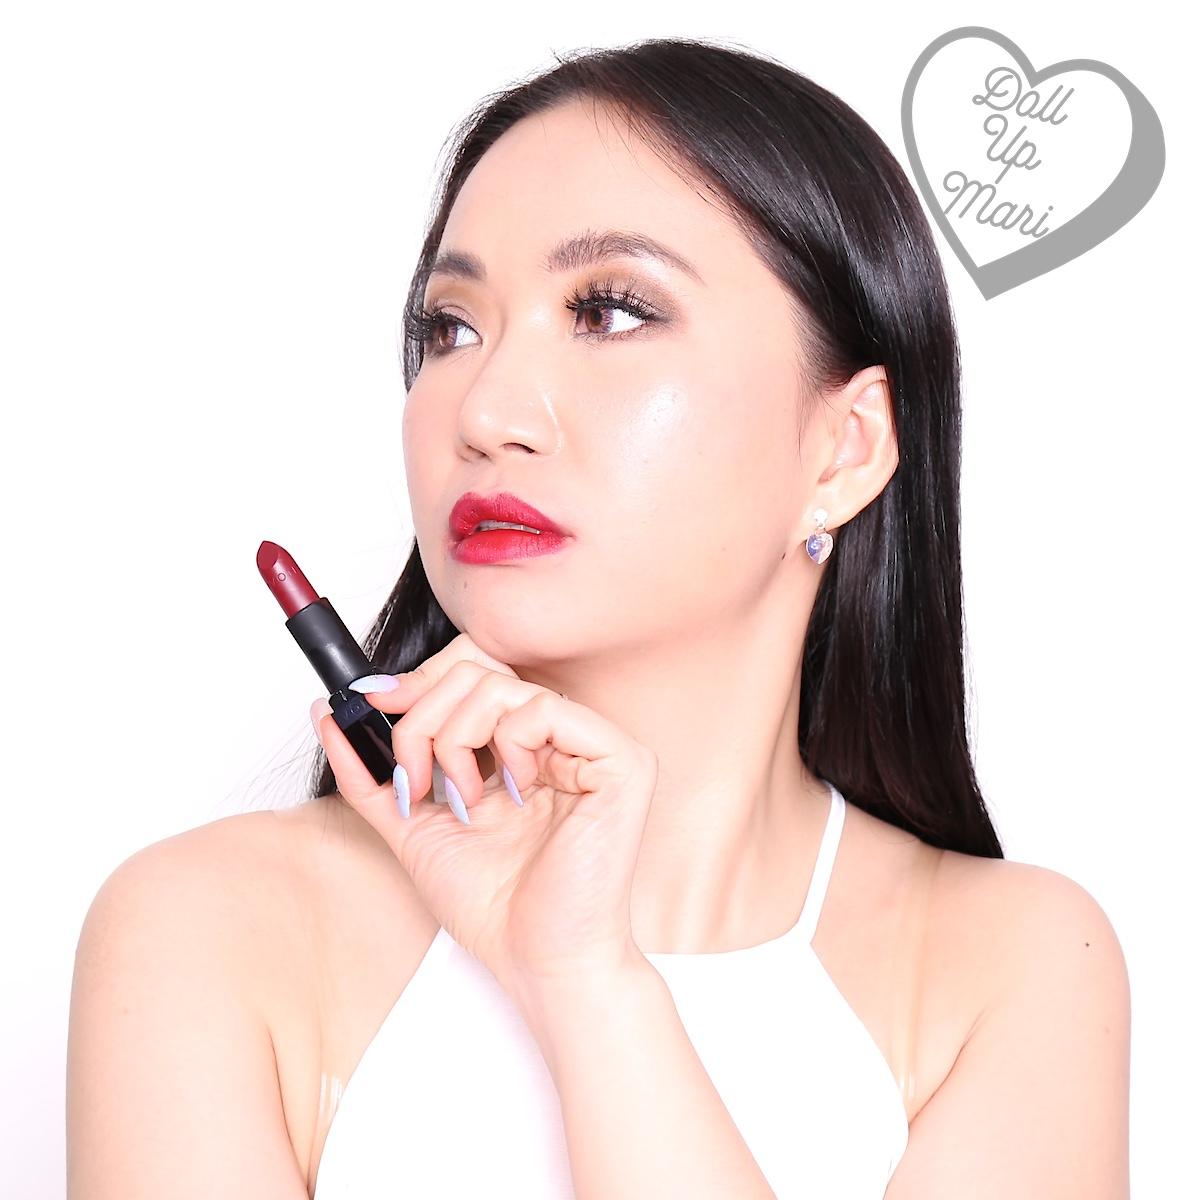 Mari wearing Wild Cherry shade of AVON Perfectly Matte Lipstick